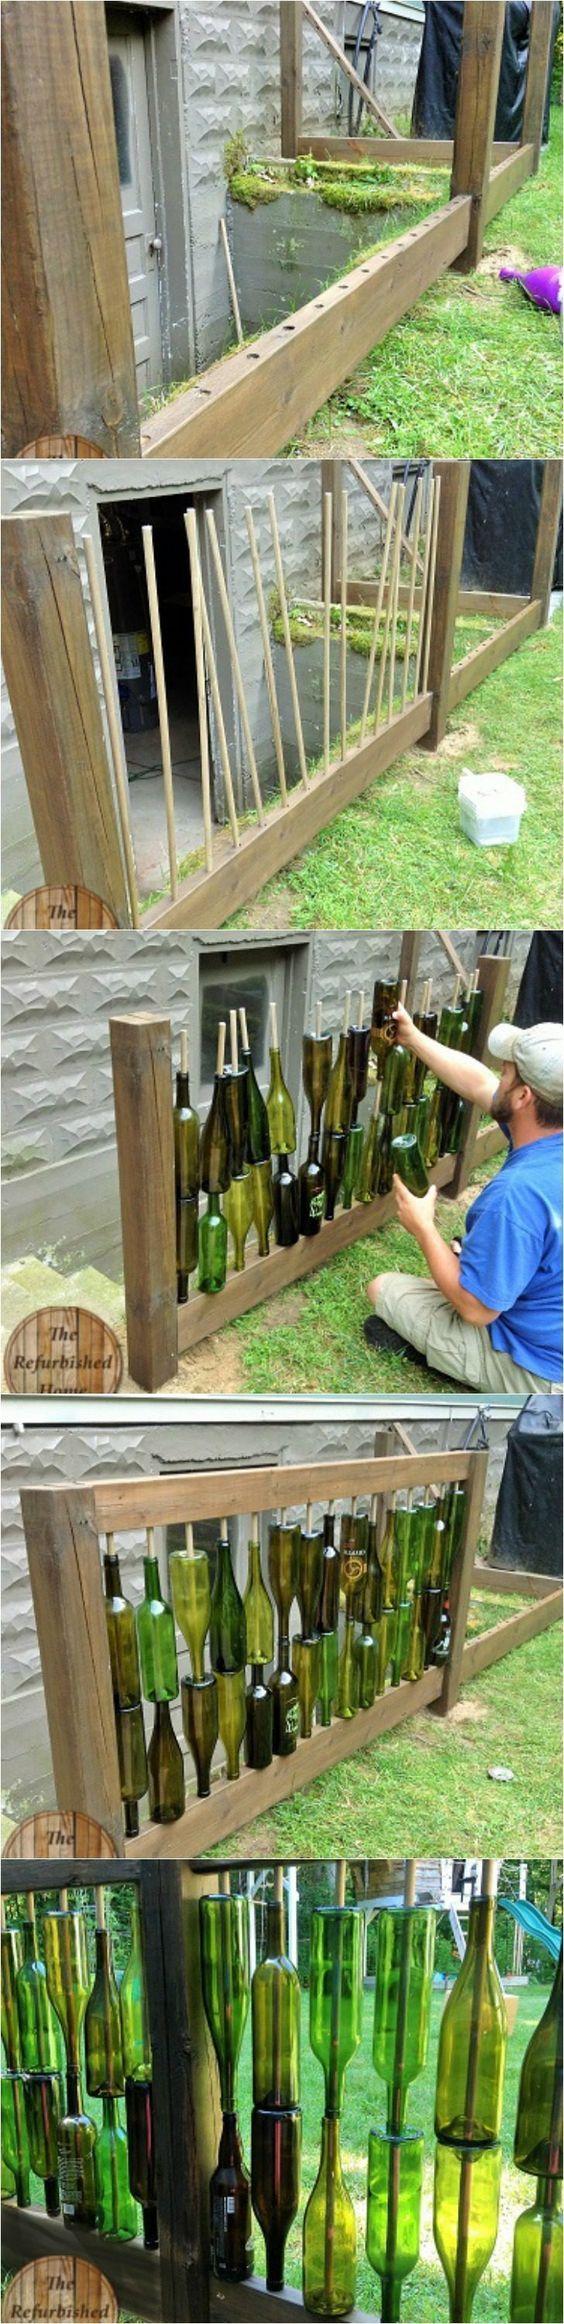 25 Best Ideas About Wine Bottle Fence On Pinterest Wine